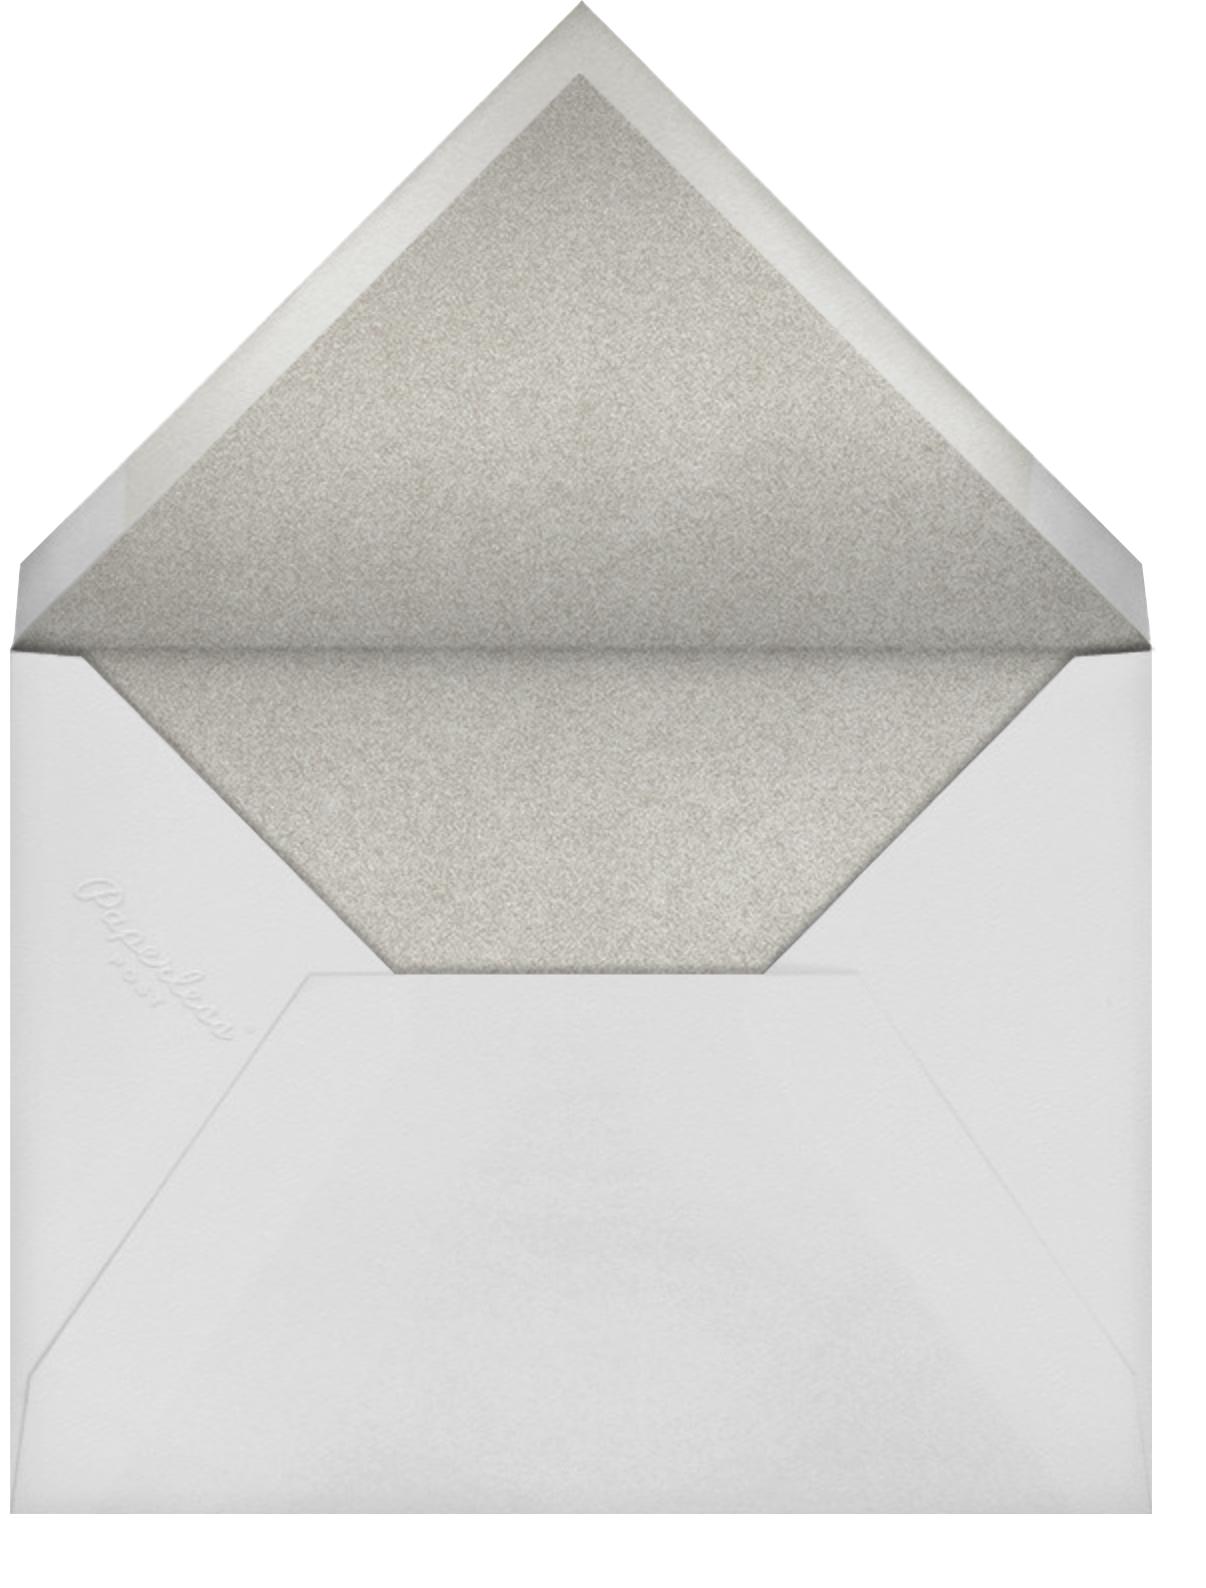 Elope I (Thank You) - Kelly Wearstler - Personalized stationery - envelope back